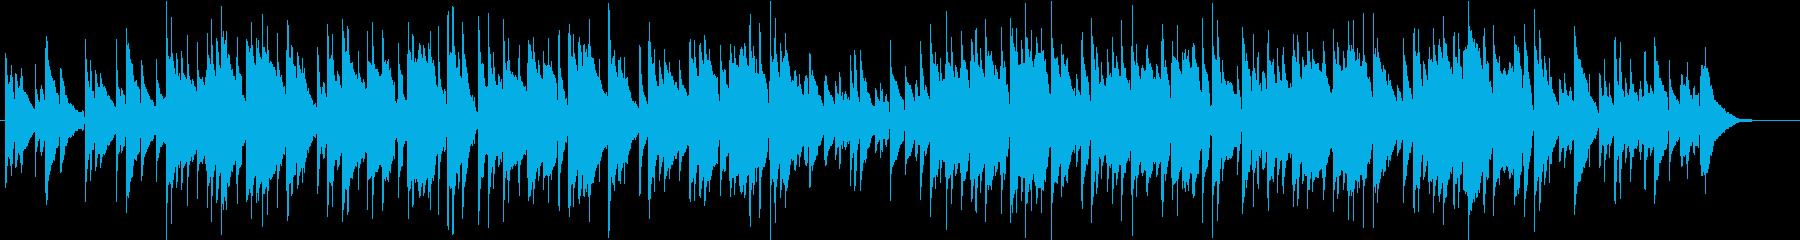 蛍の光 アコギ生演奏 美しいの再生済みの波形